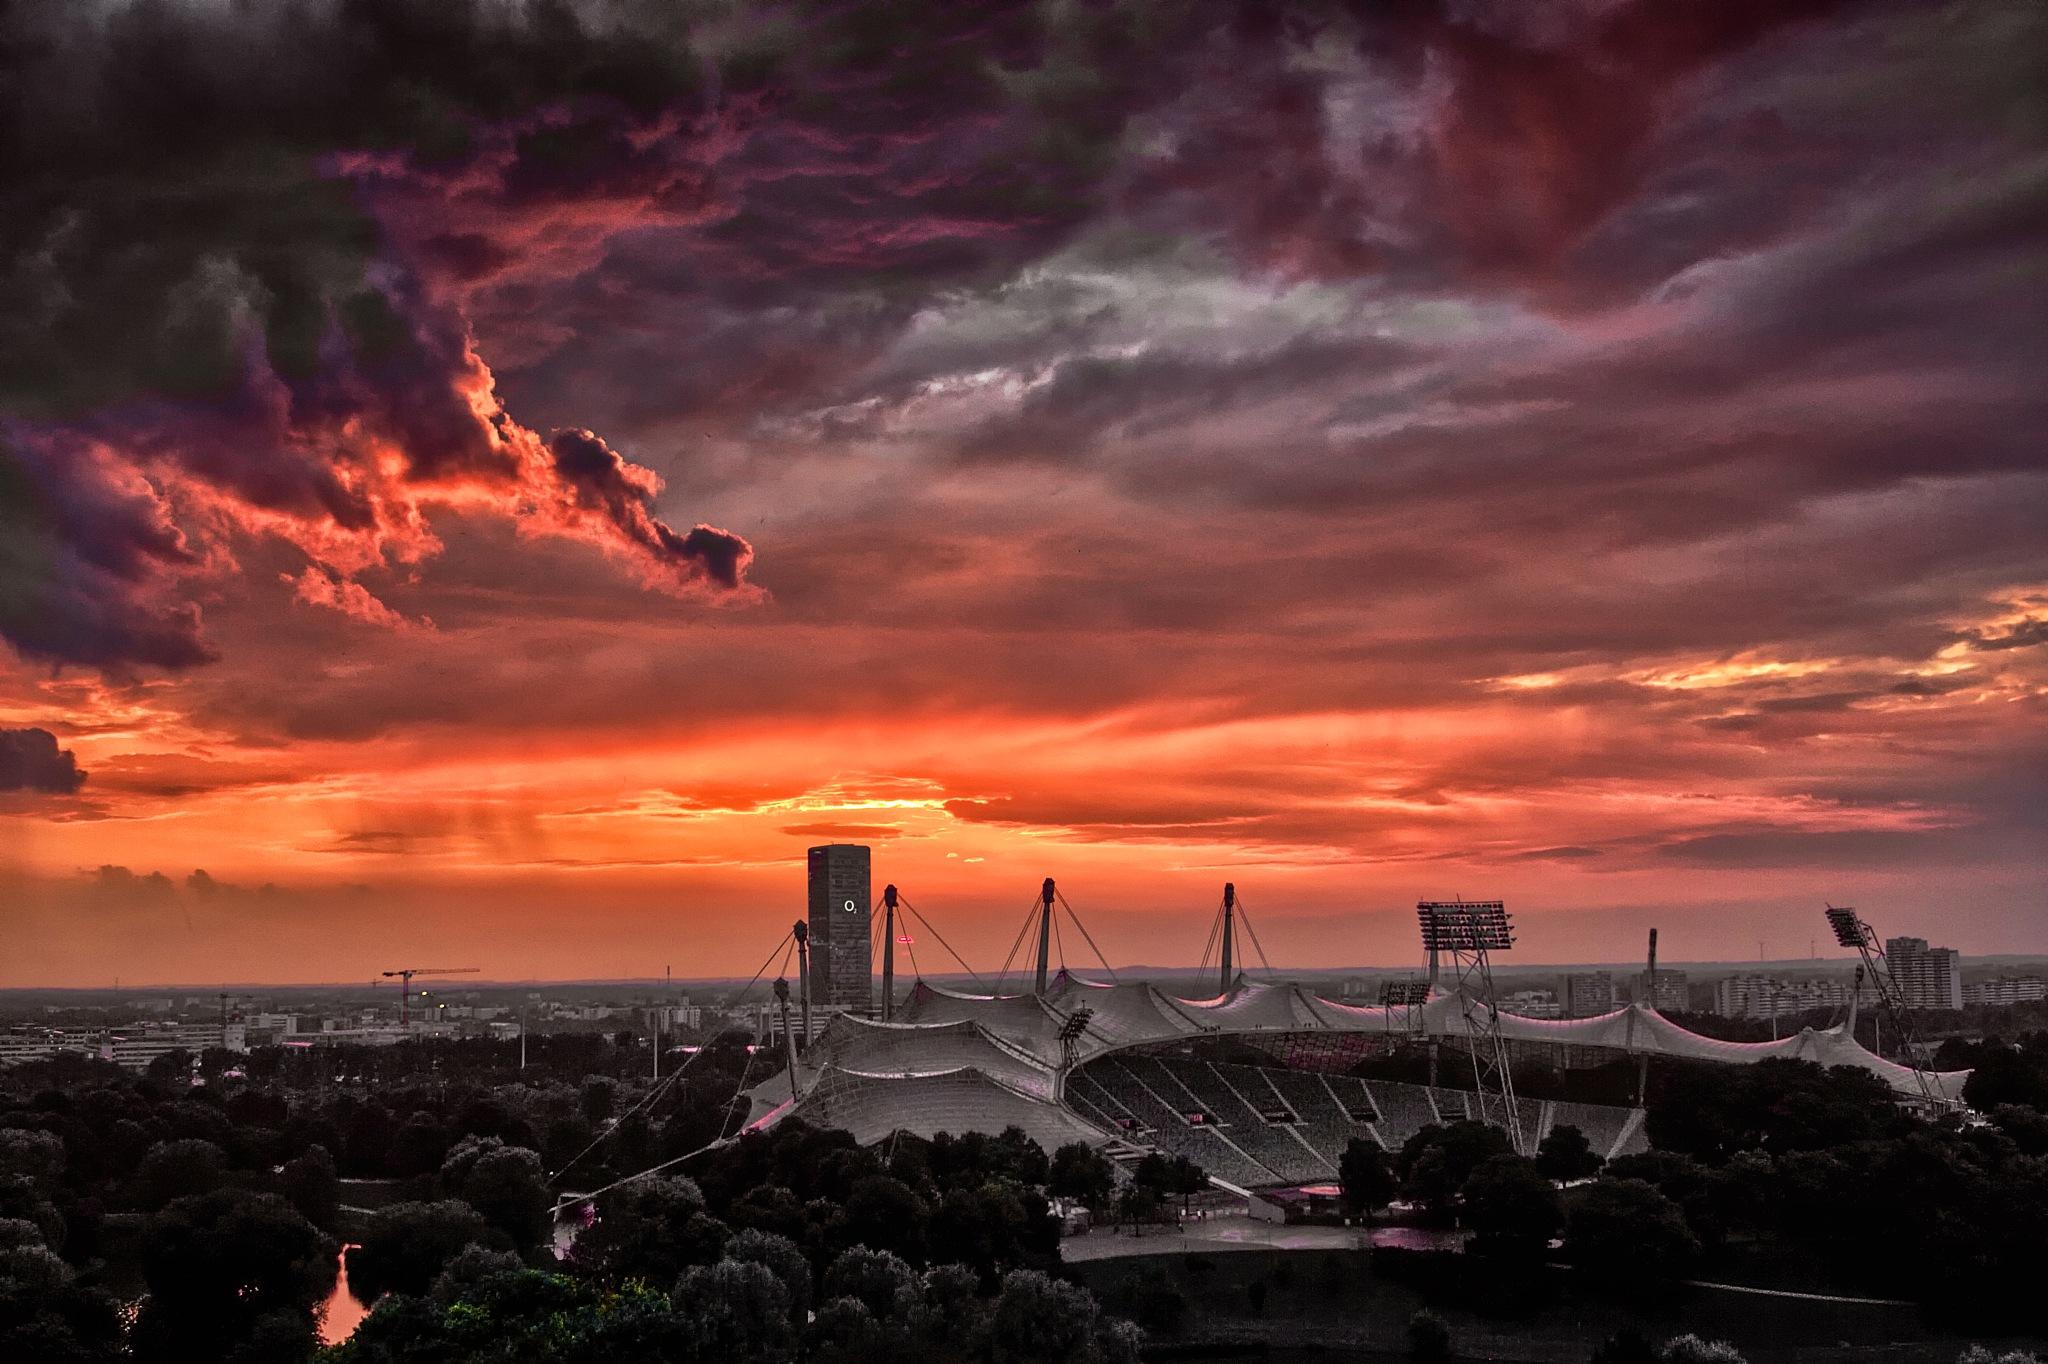 Sundown at Olympuic Stadium Munich by Michael Stapfer